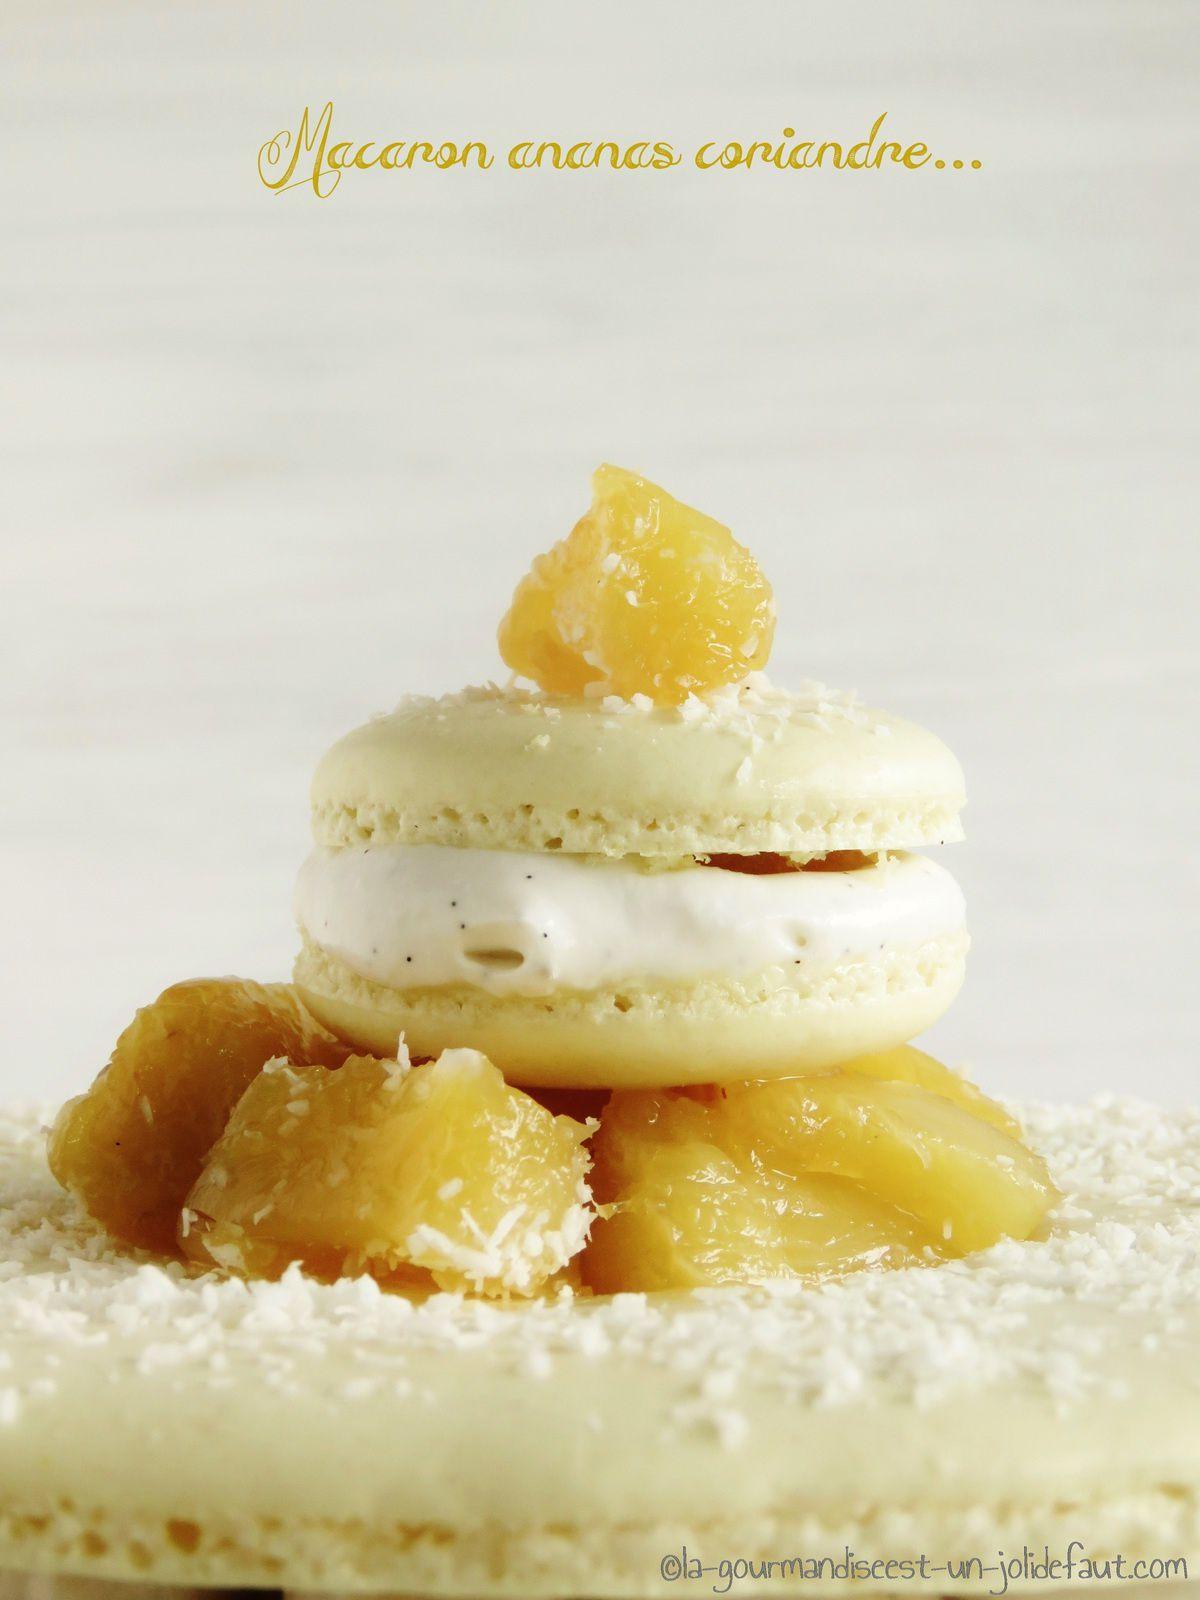 Maxi-Macaron ananas-coriandre-coco..